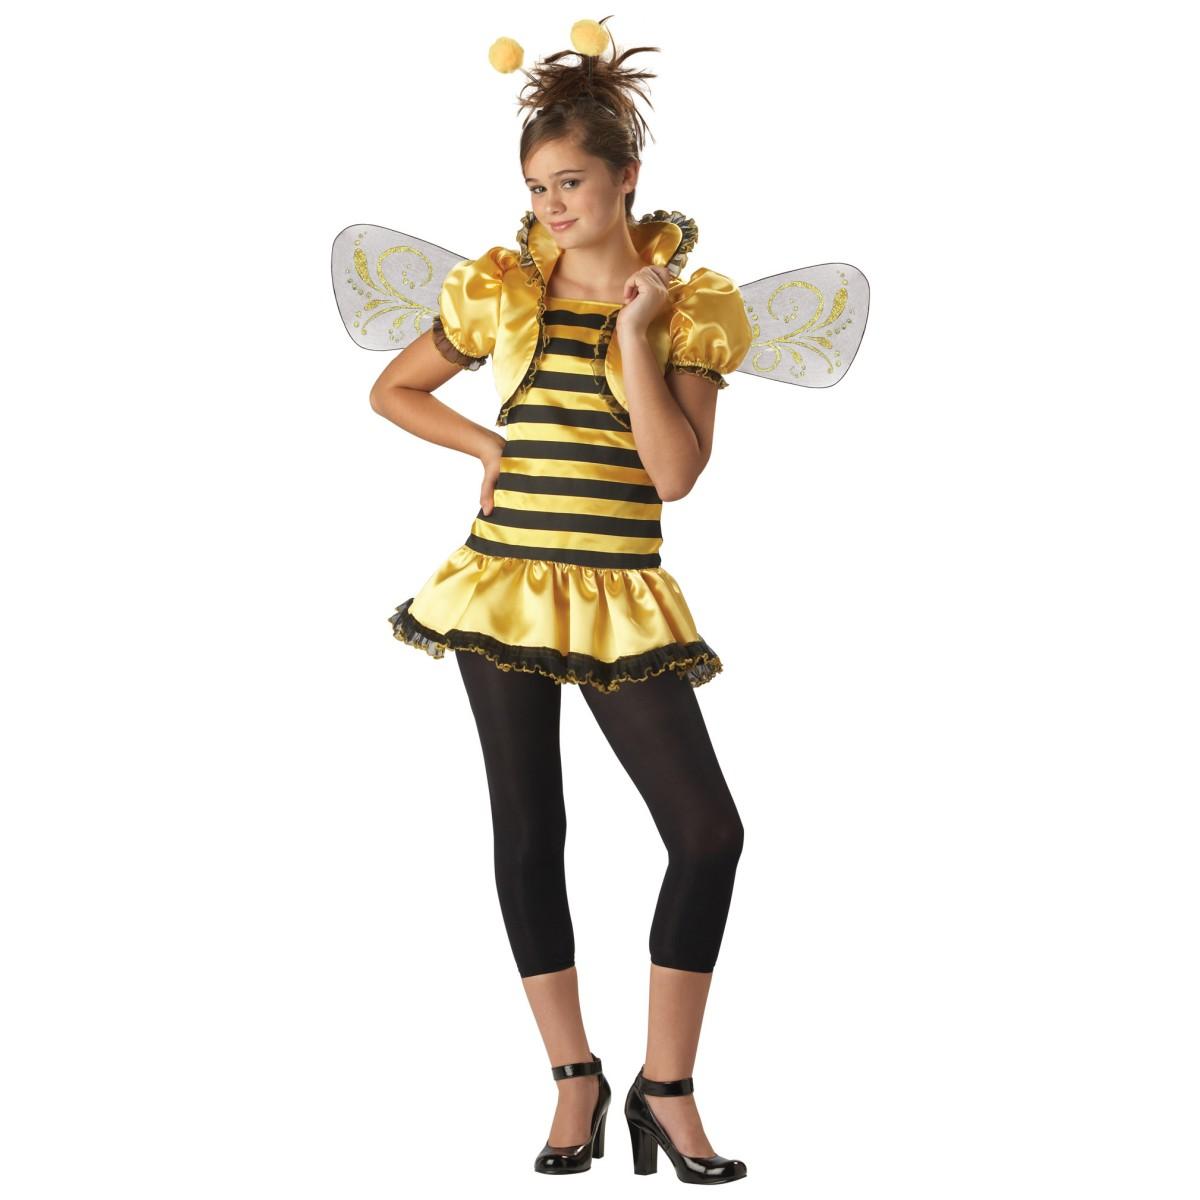 みつばち ミツバチ コスチューム 子供 女の子 大人 女性 昆虫 コスプレ 仮装